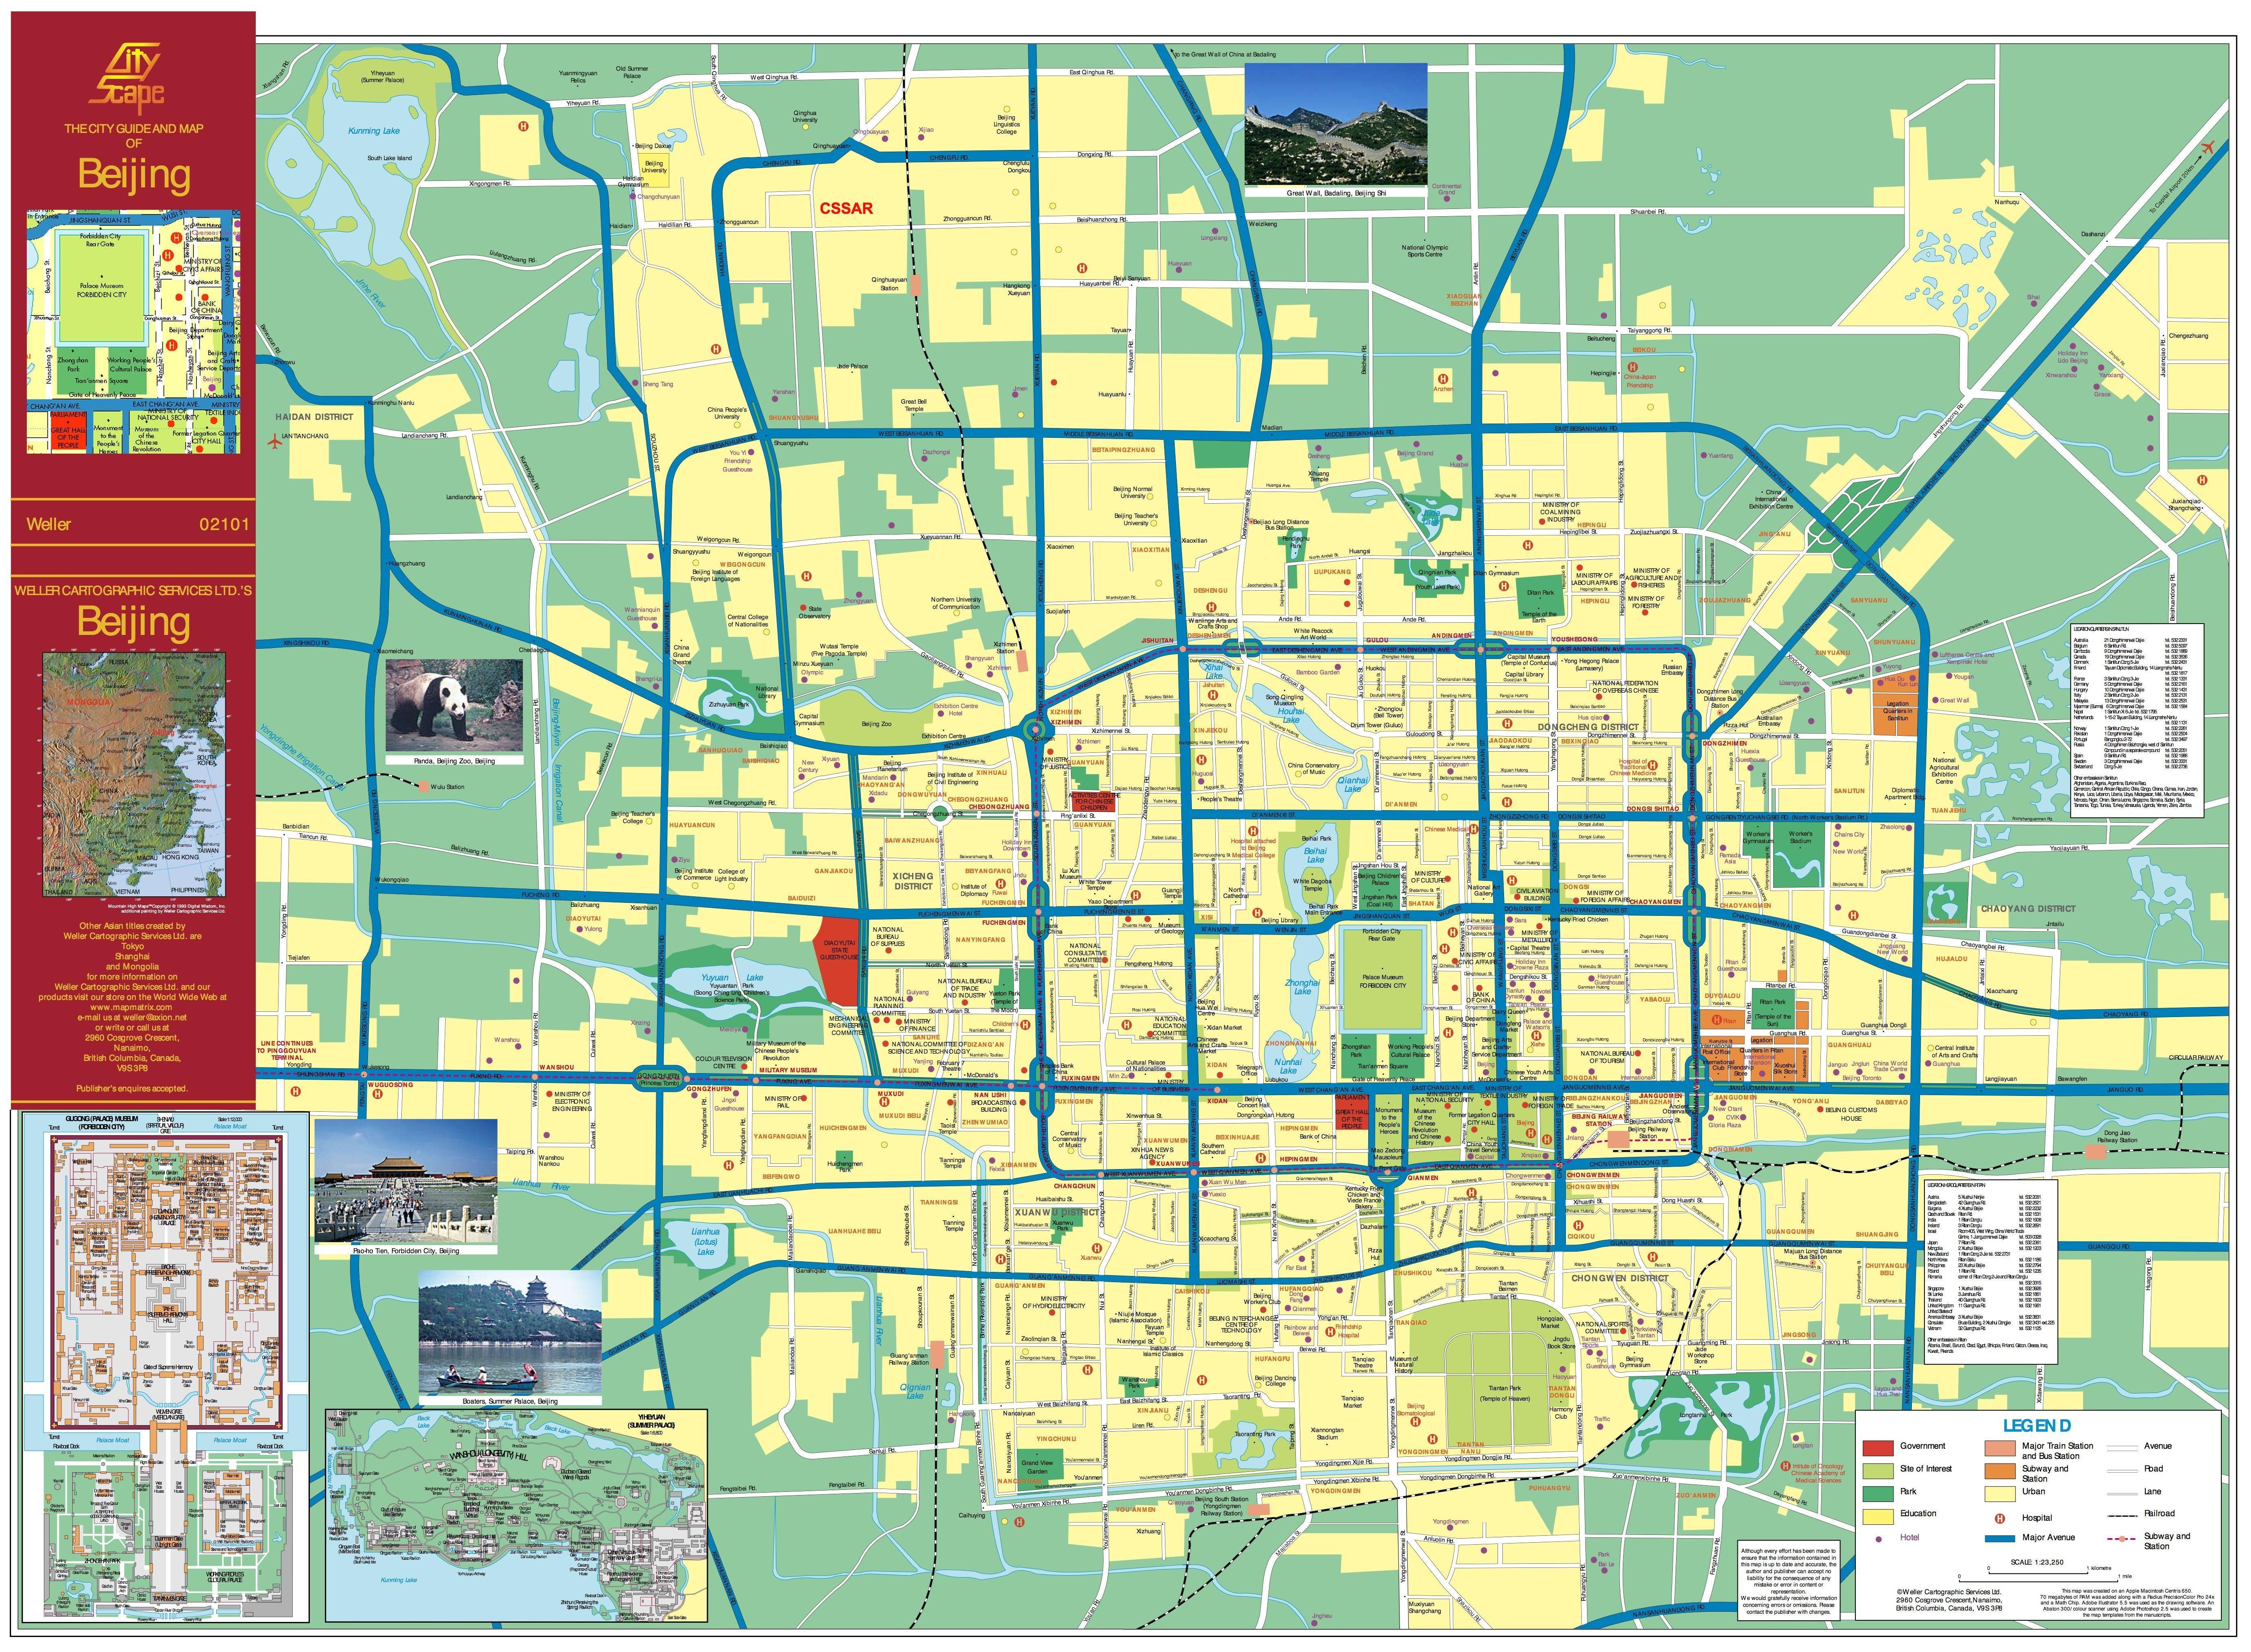 Beijing City Map Beijing Map Beijing Tourist Map Beijing City